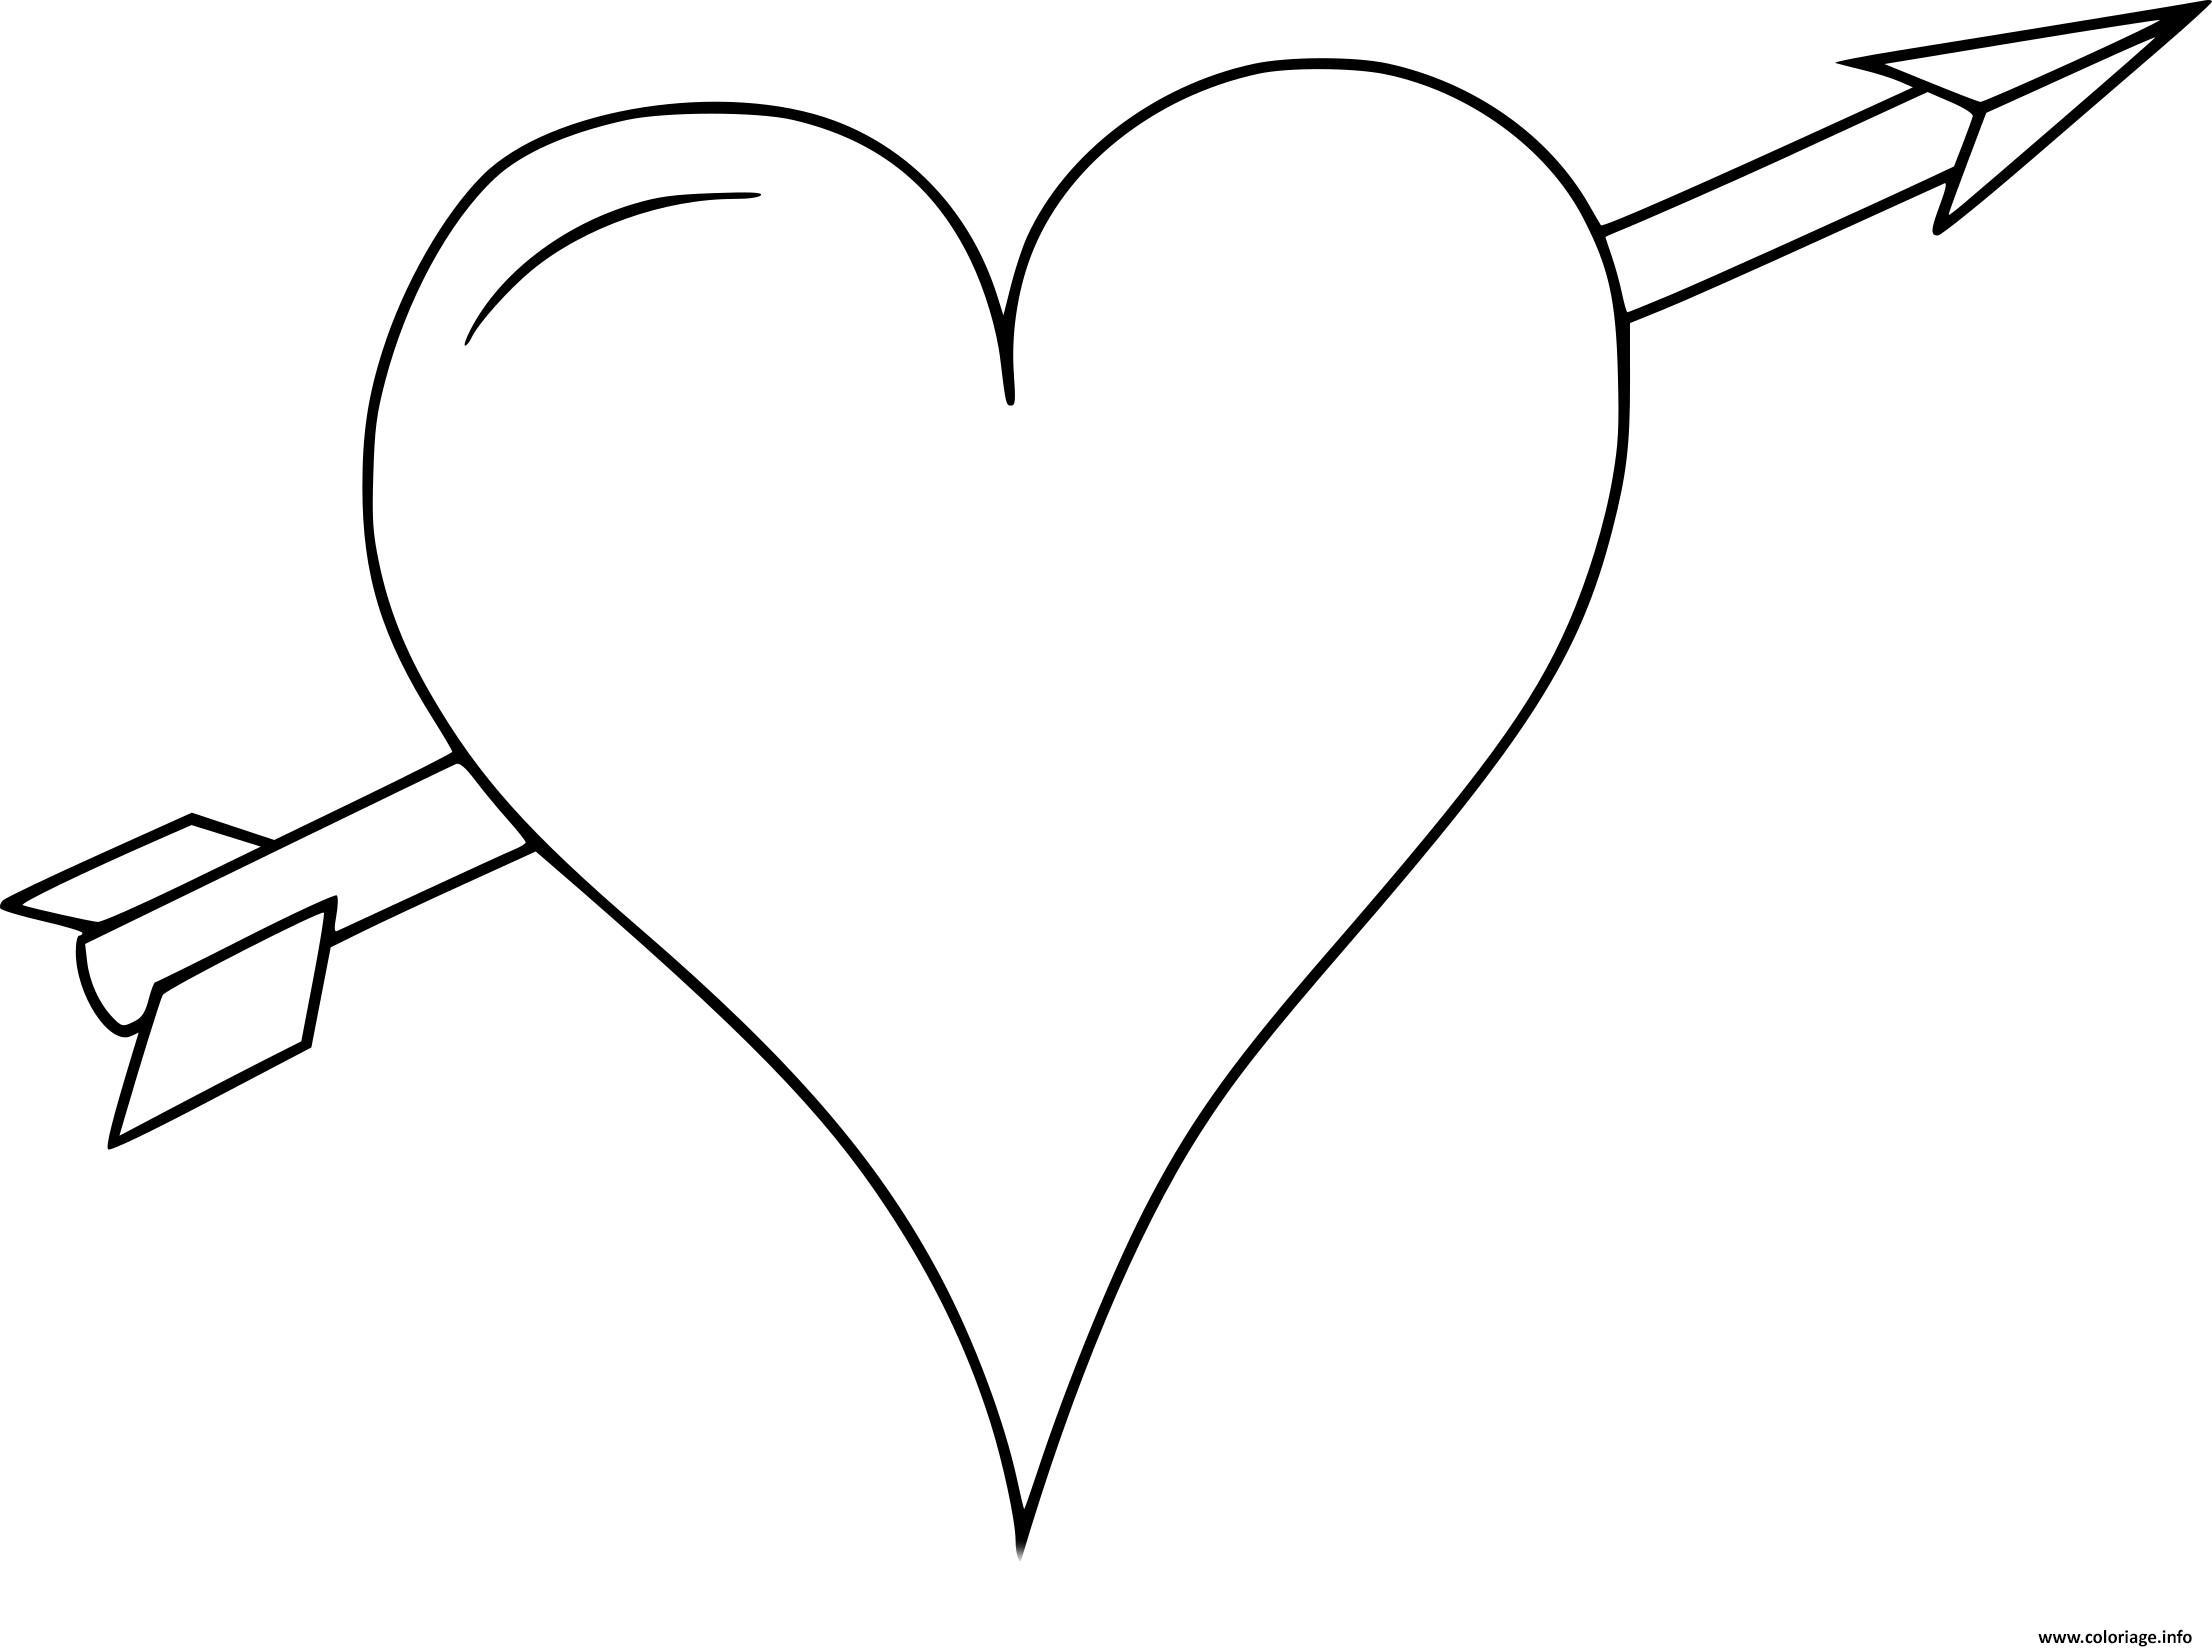 Coloriage dessin coeur avec une fleche dessin - Coloriage avec des coeurs ...